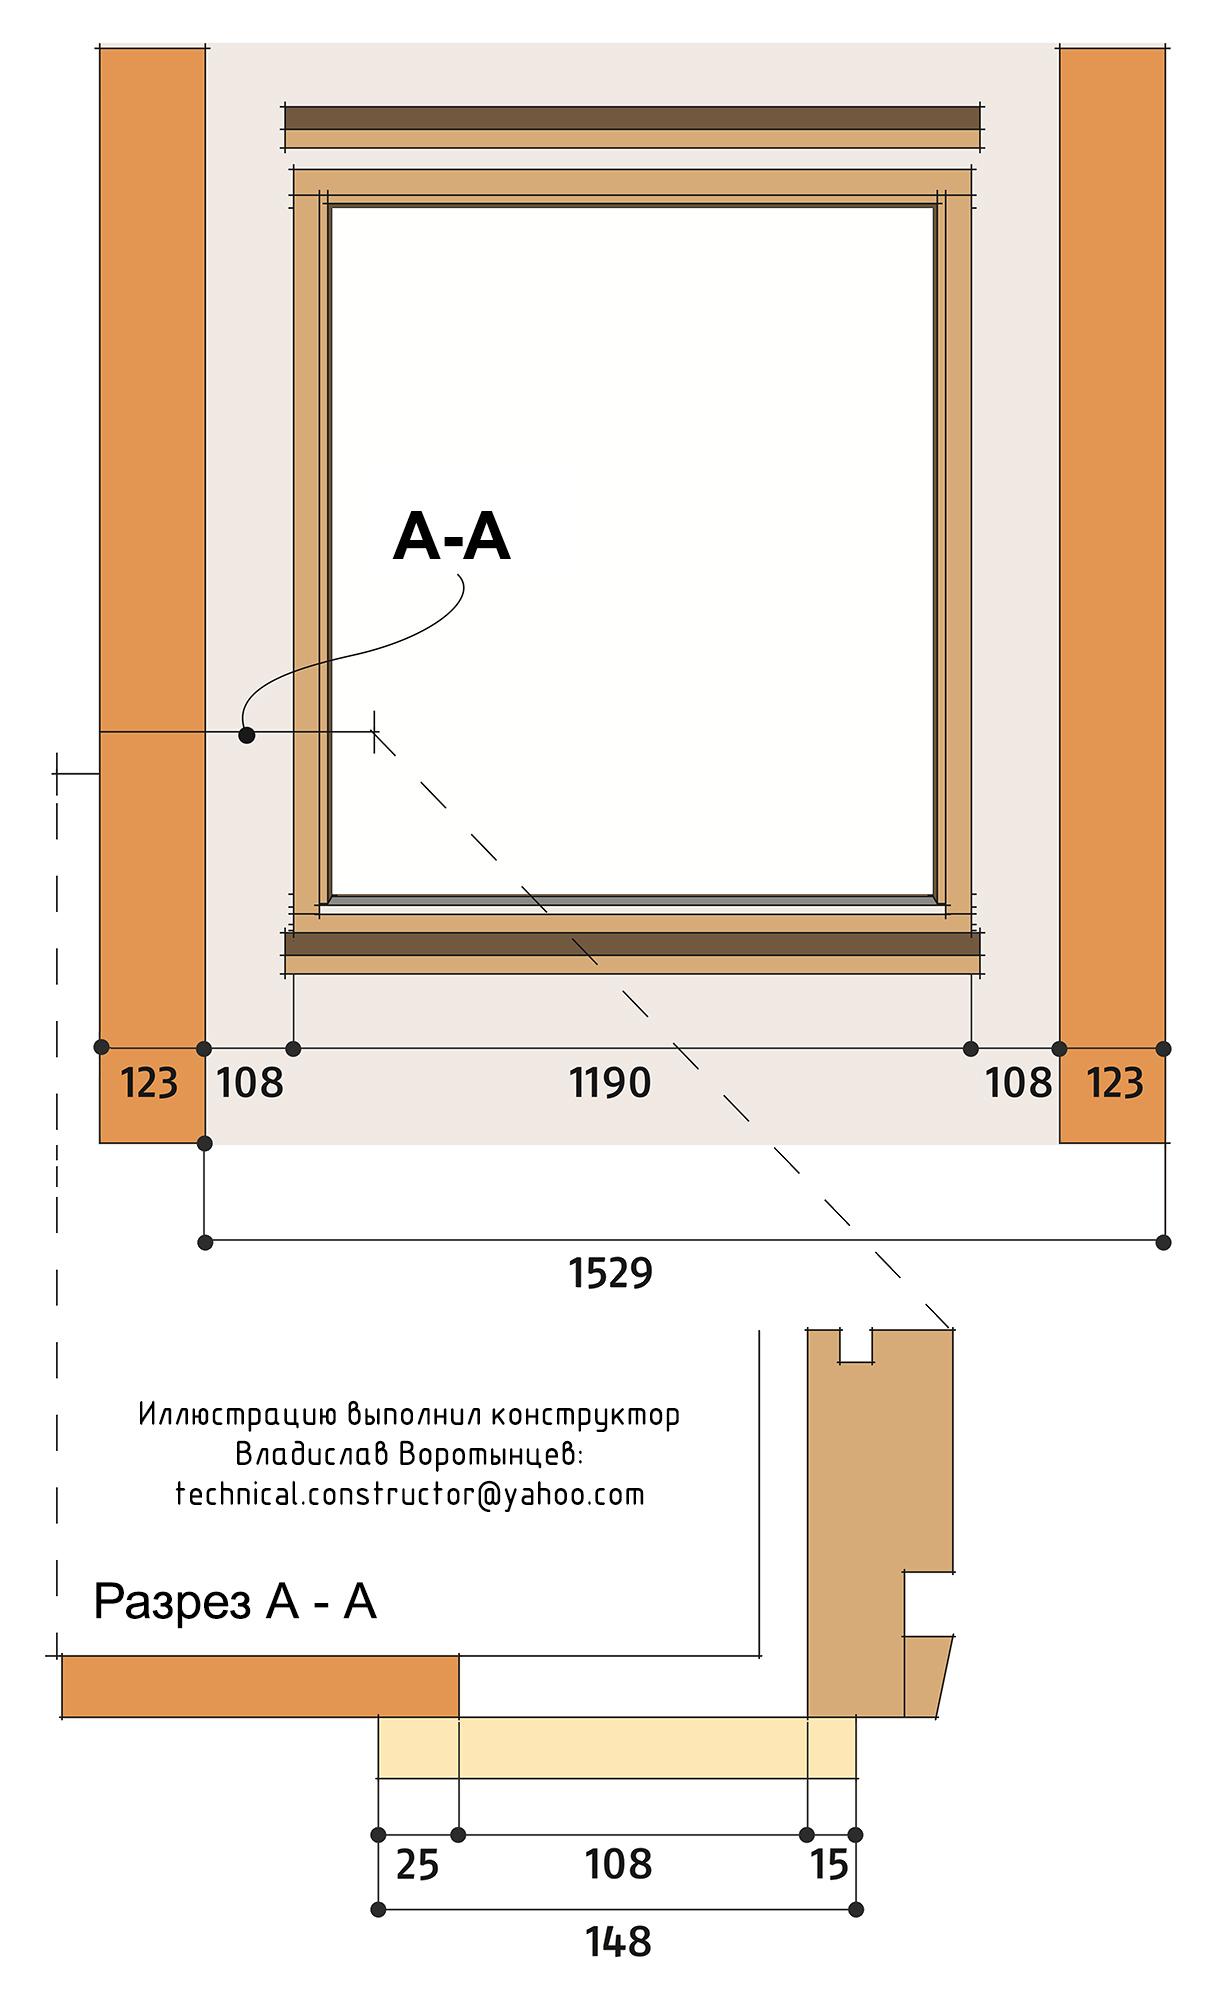 Пример распределения досок вертикальной наружной обшивки